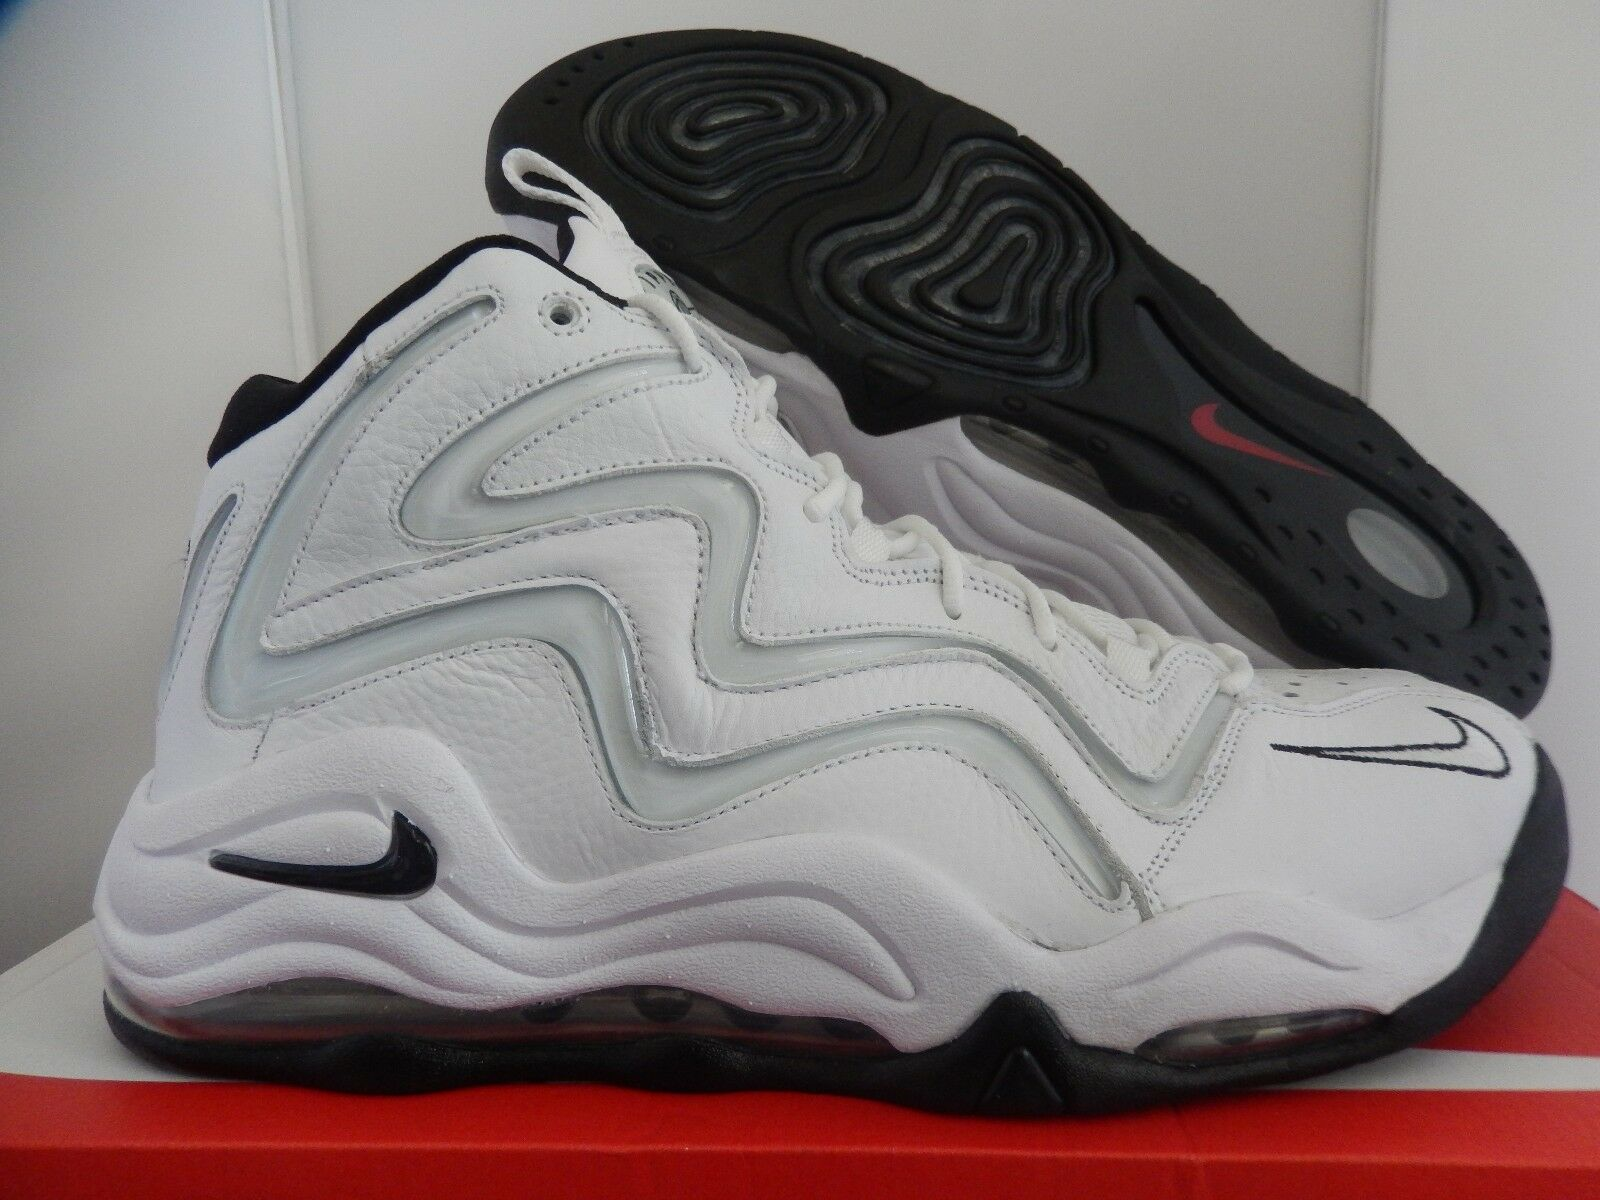 Nike Air Pippen Blanco-Negro-varsity red-metallic Plata reducción de precios nuevos mujeres, zapatos para hombres y mujeres, nuevos el limitado tiempo de descuento 70550a